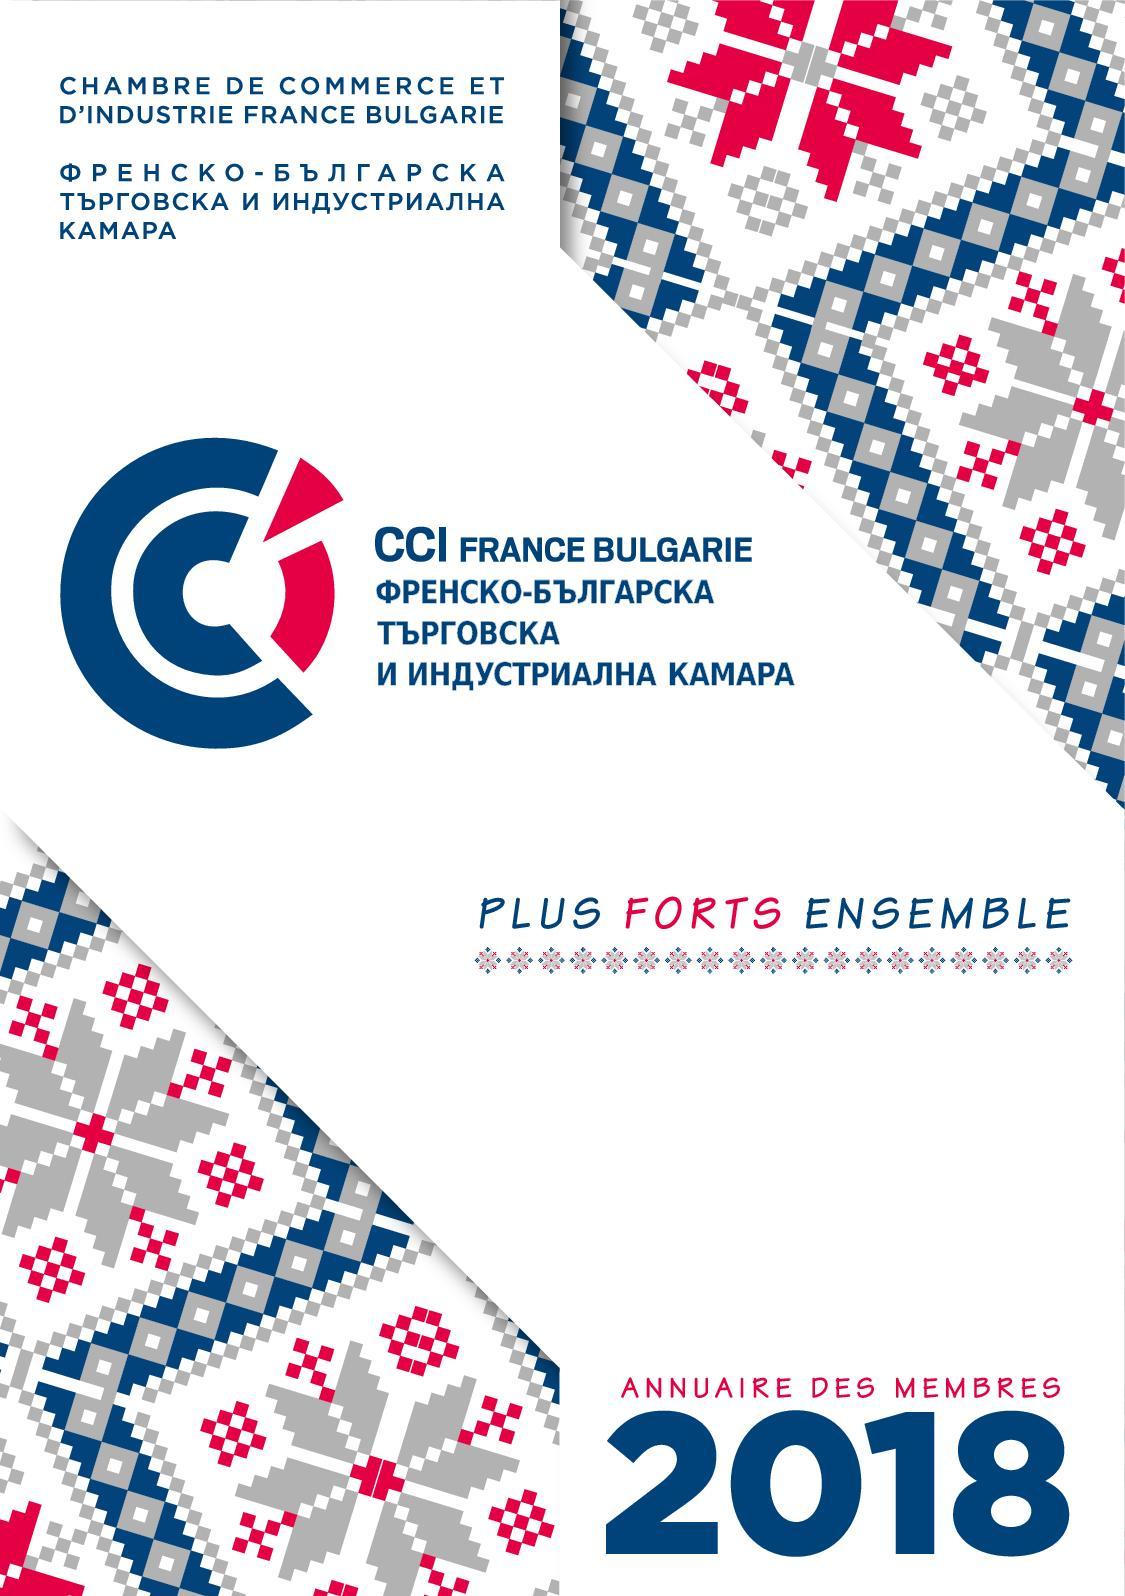 Annuaire CCI France Bulgarie 2018